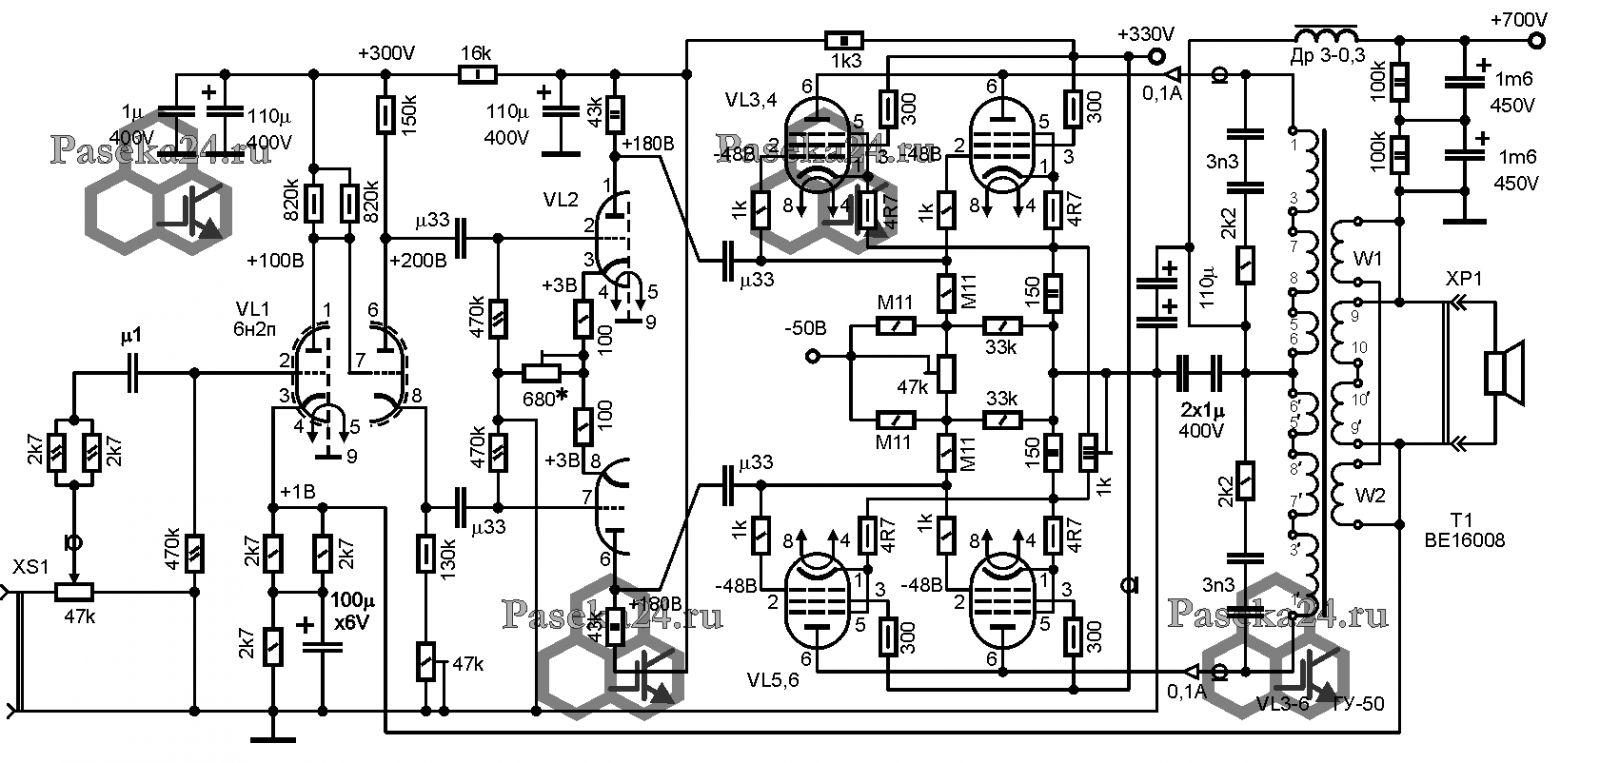 Радиолампа гу-50 схемы однотактных